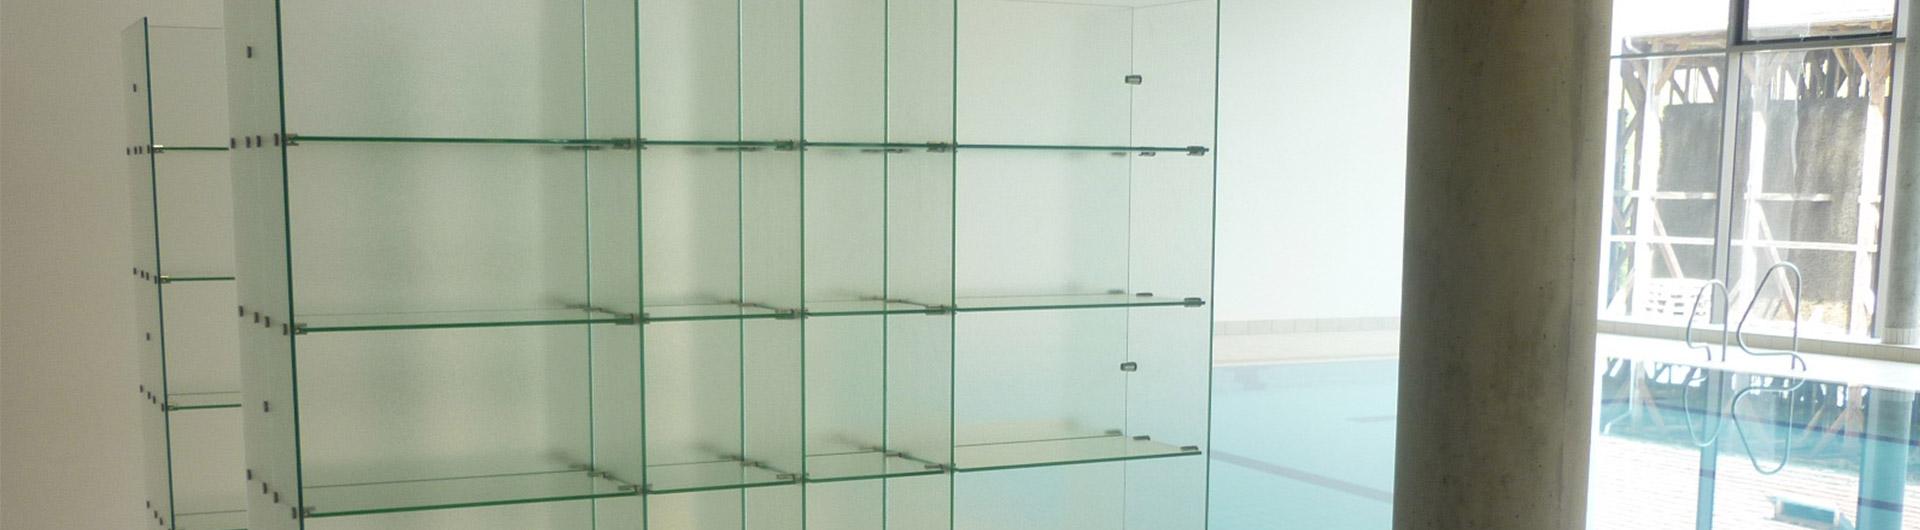 Badezimmer-Glasregale vom Fachbetrieb | Glas Hetterich